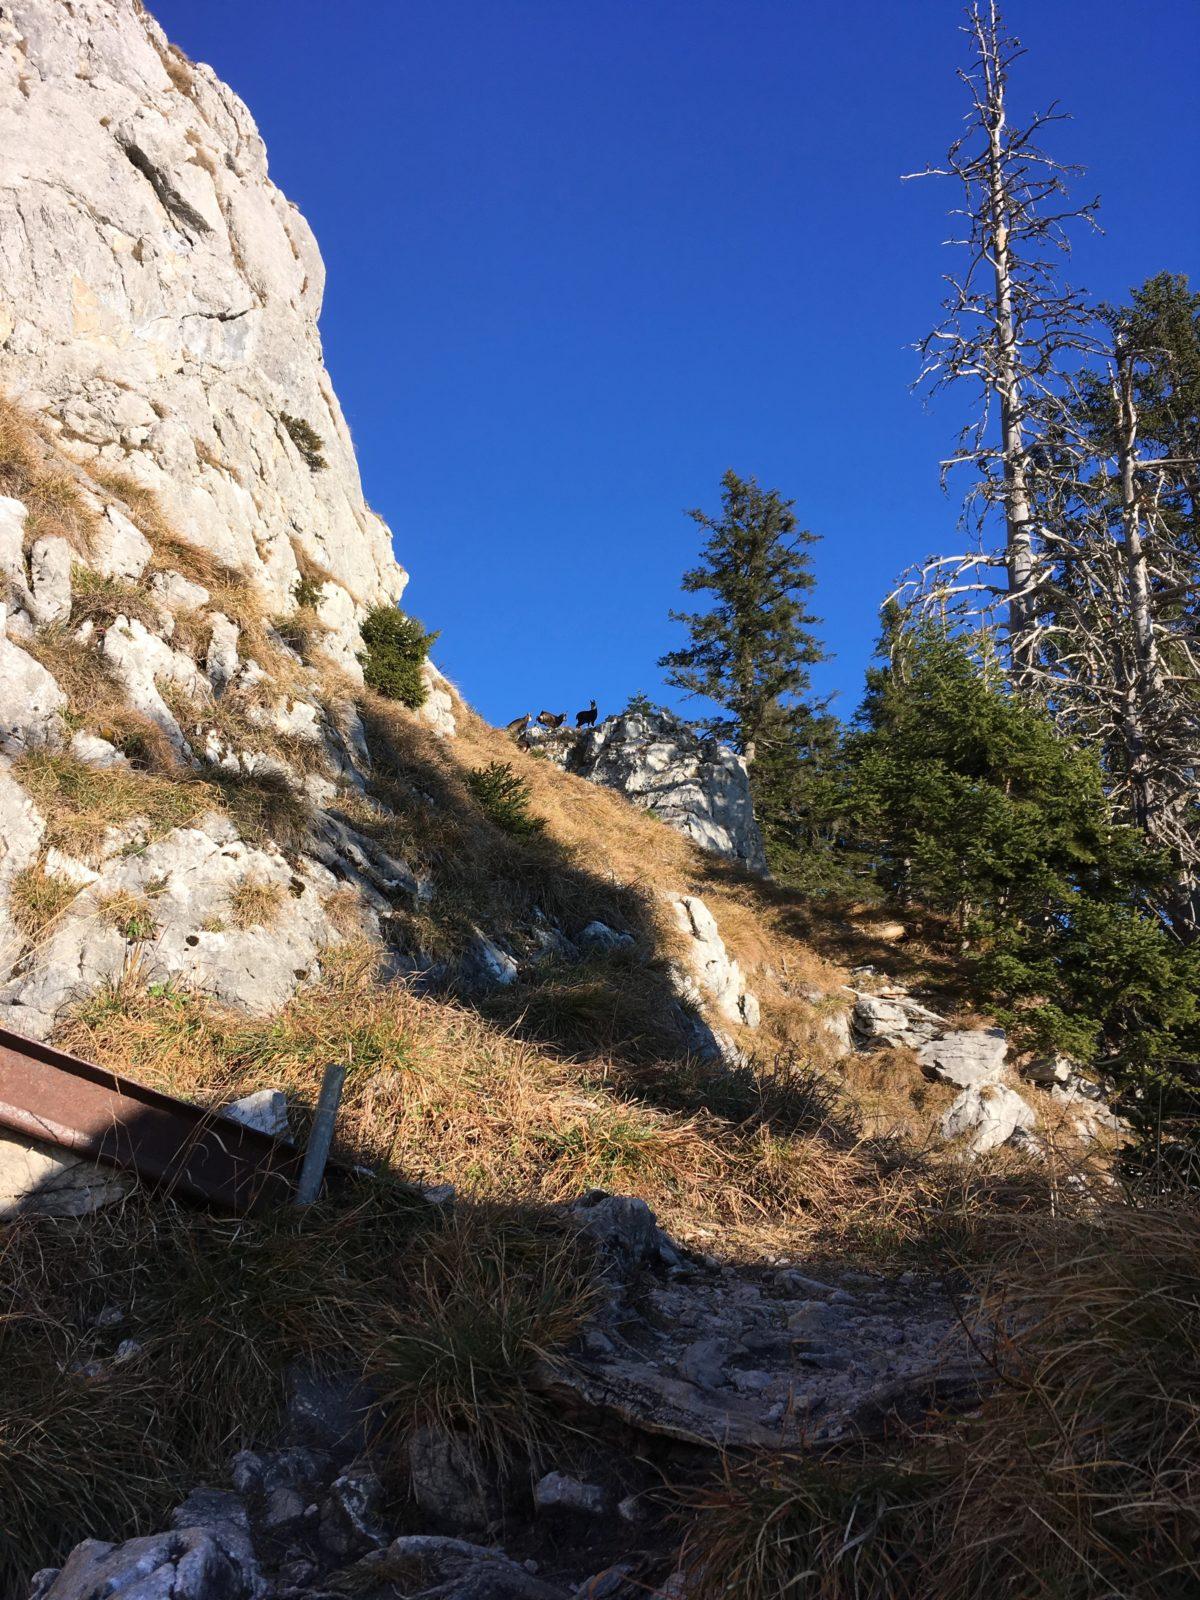 Tierische Begleitung im Klettersteig